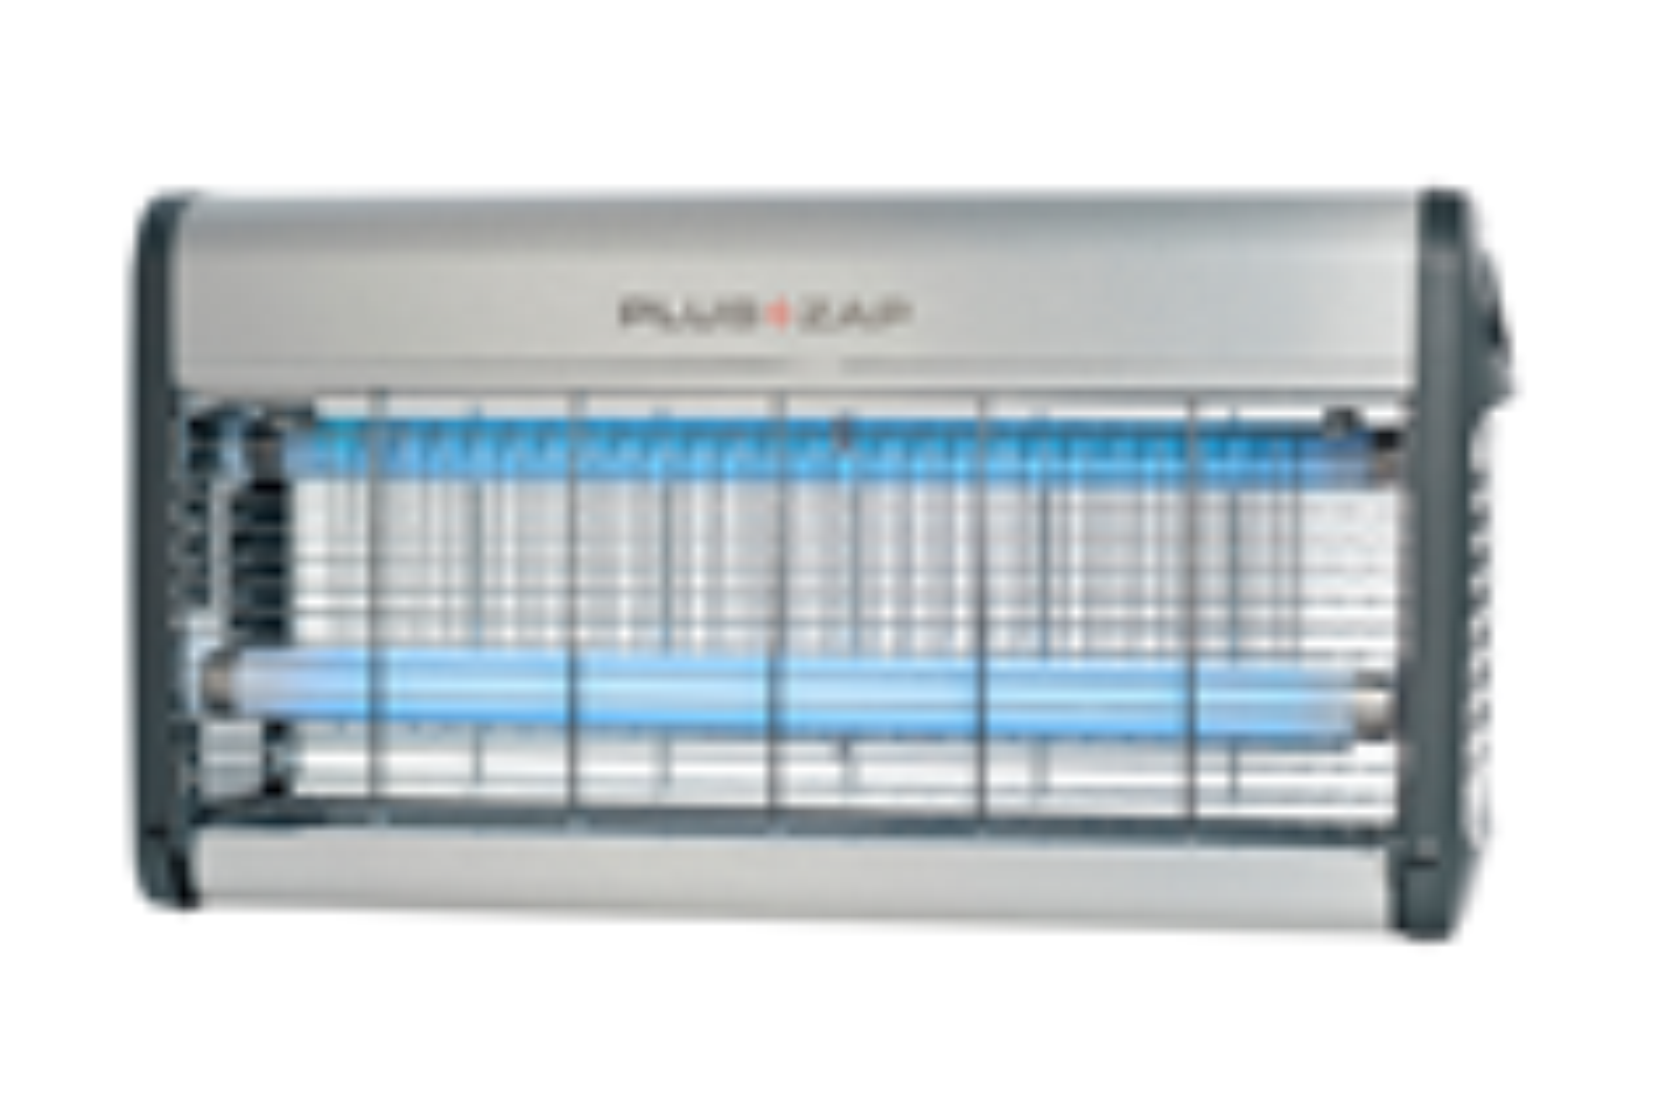 PLUSZAP-30-W-ALU-ZE122-1st